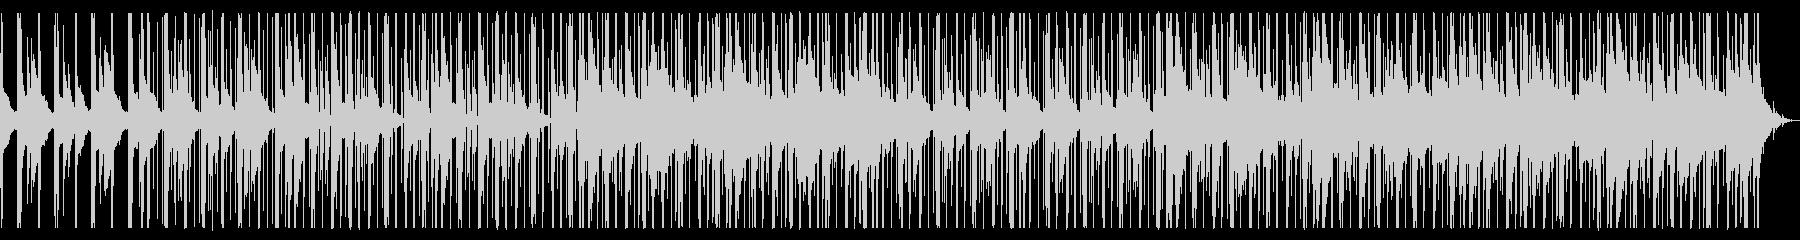 のんびり/Hiphop_No586_1の未再生の波形